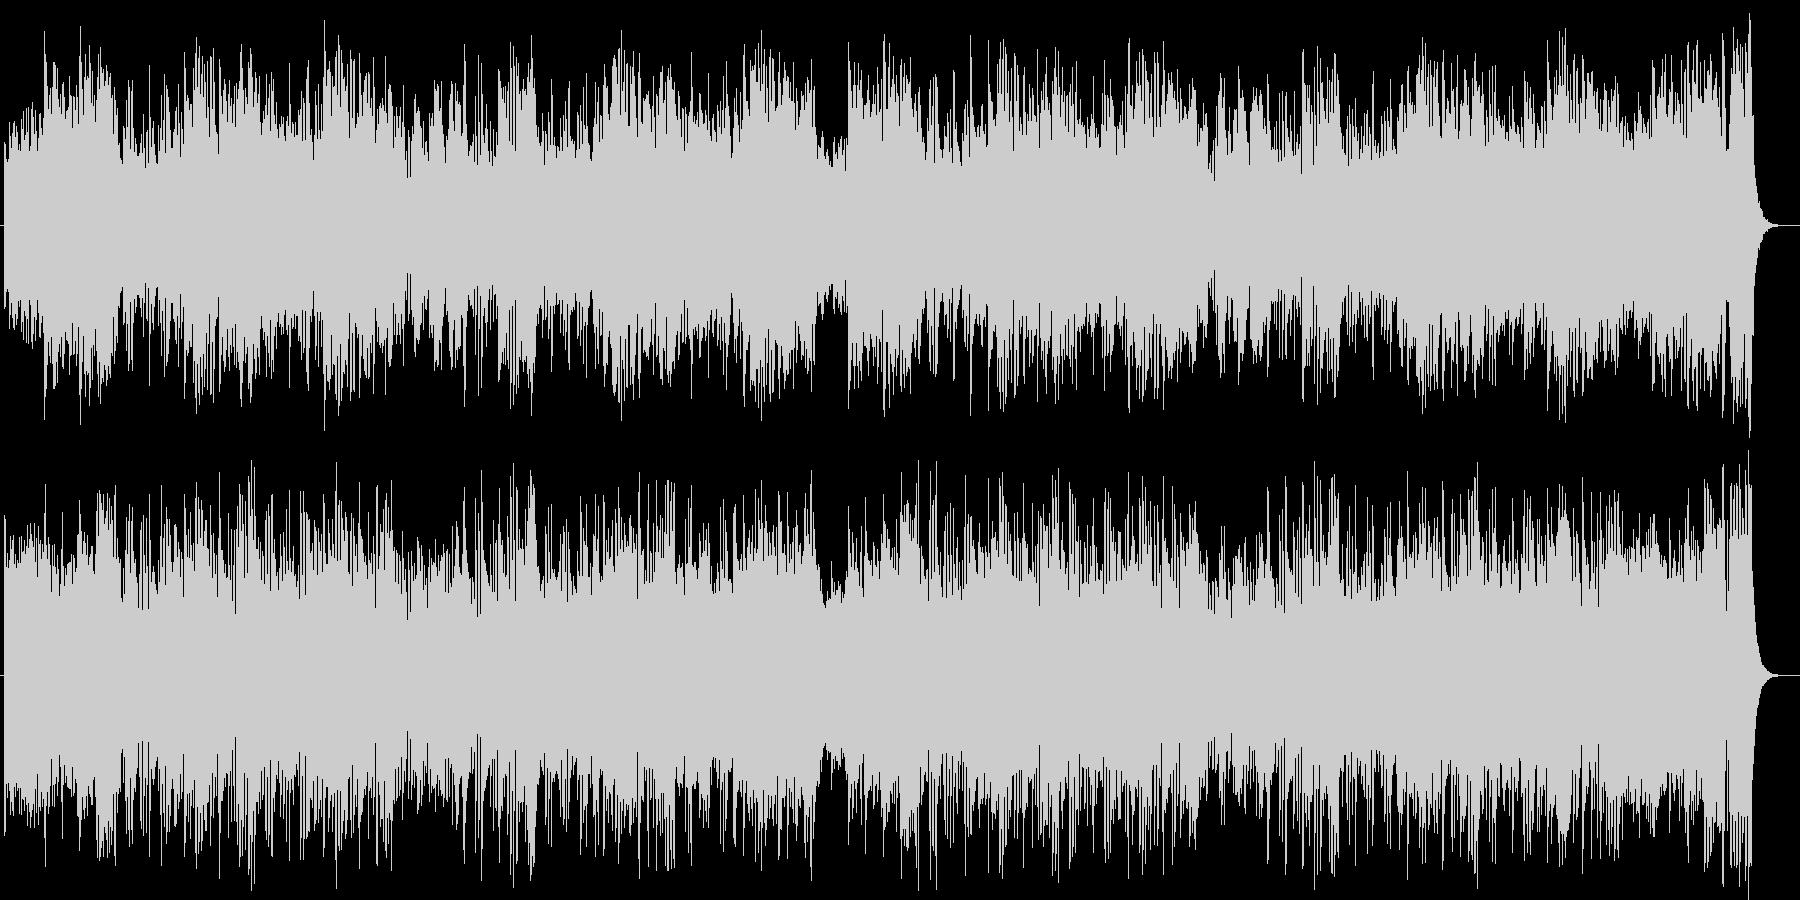 神秘的で壮大なオーケストラサウンドの未再生の波形